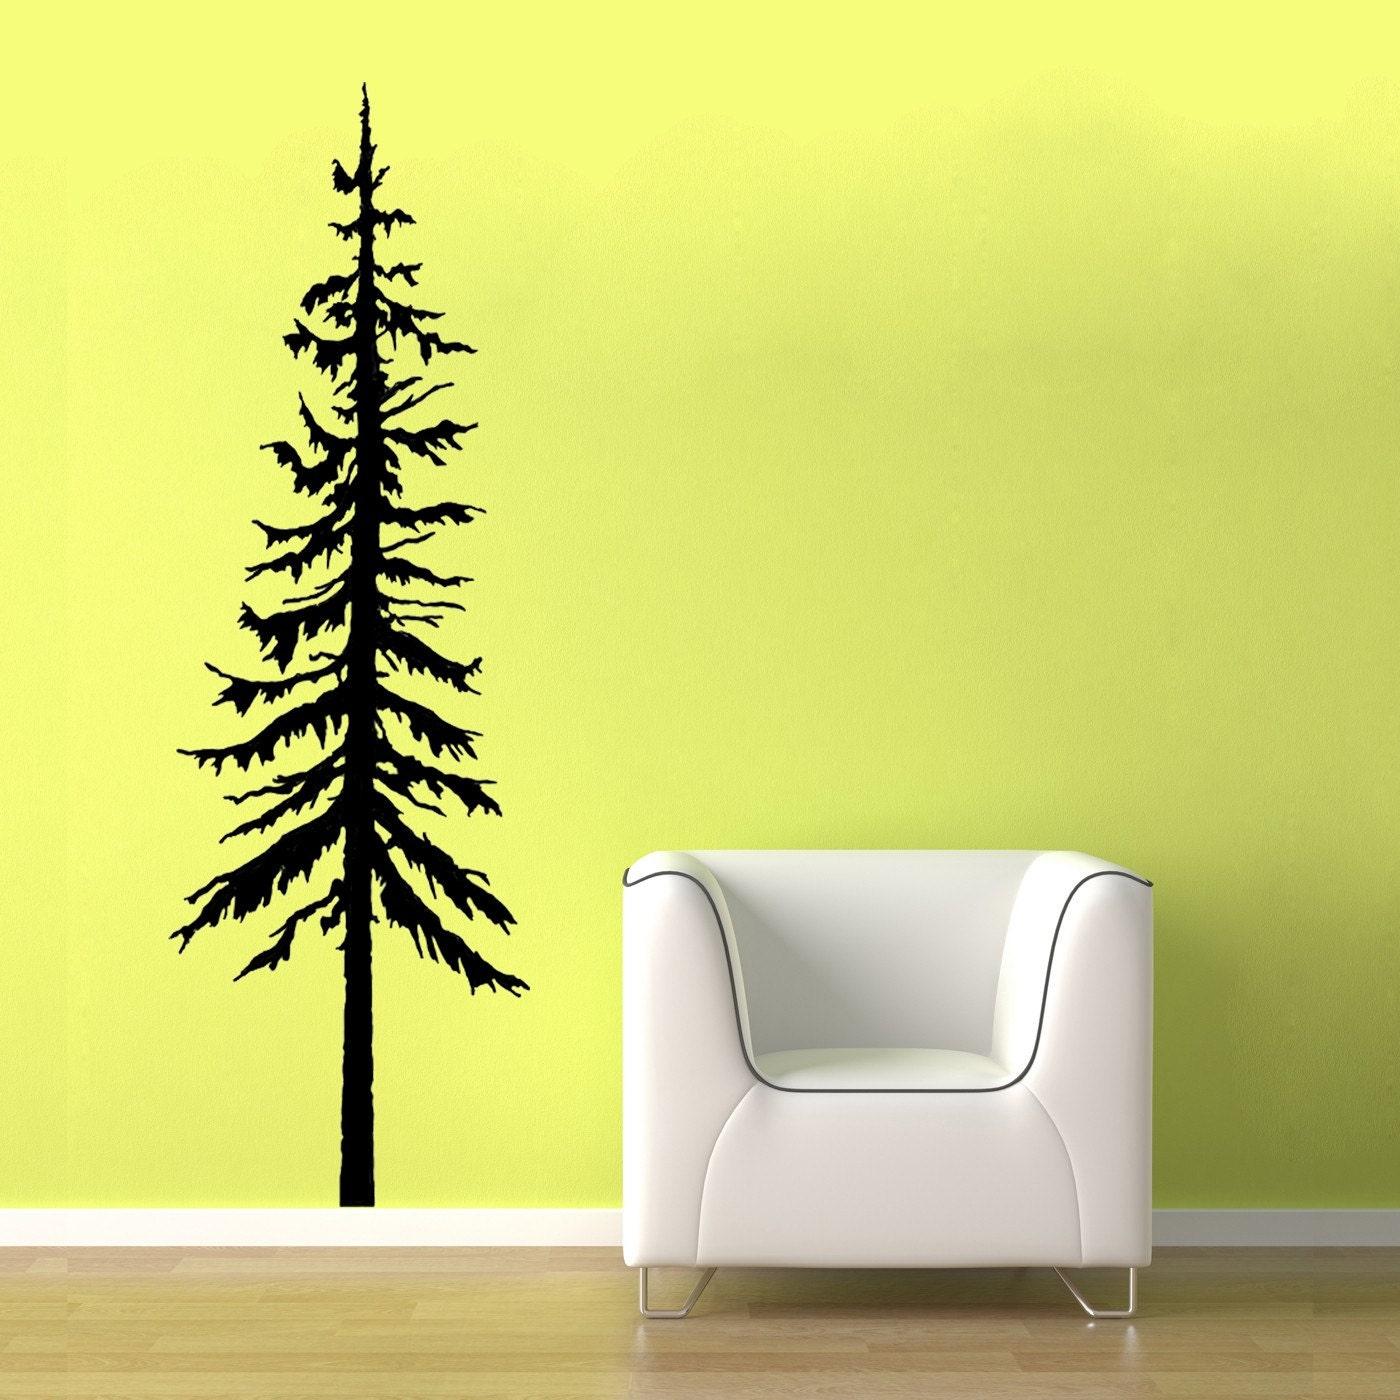 22x66 large pine tree vinyl wall by oldbarnrescuecompany - Sticker on wall decor ...